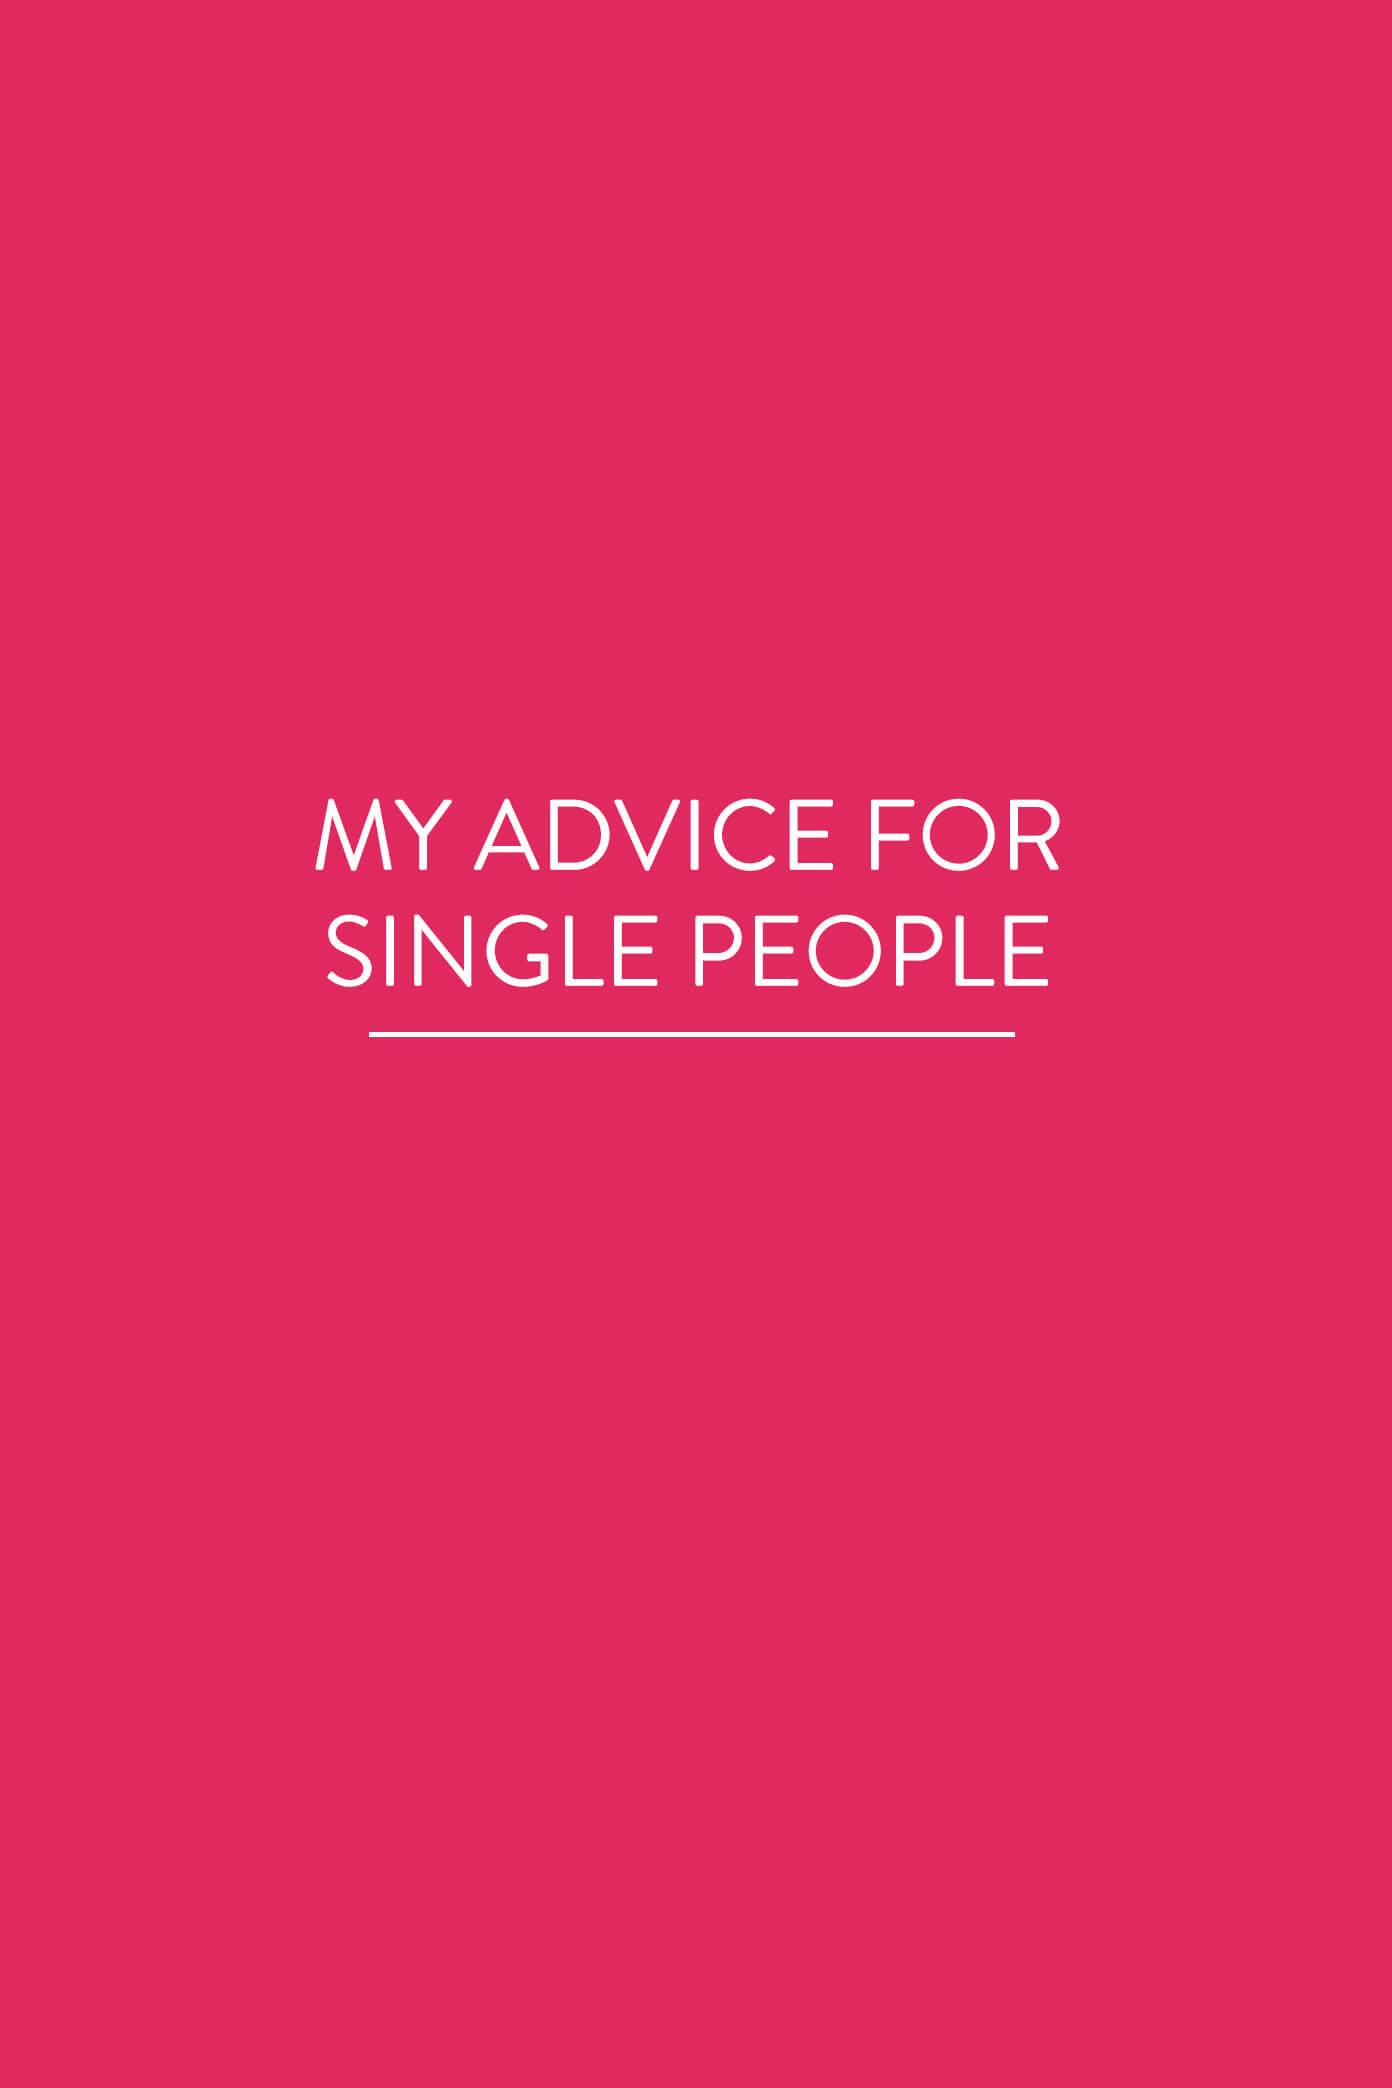 Single advice